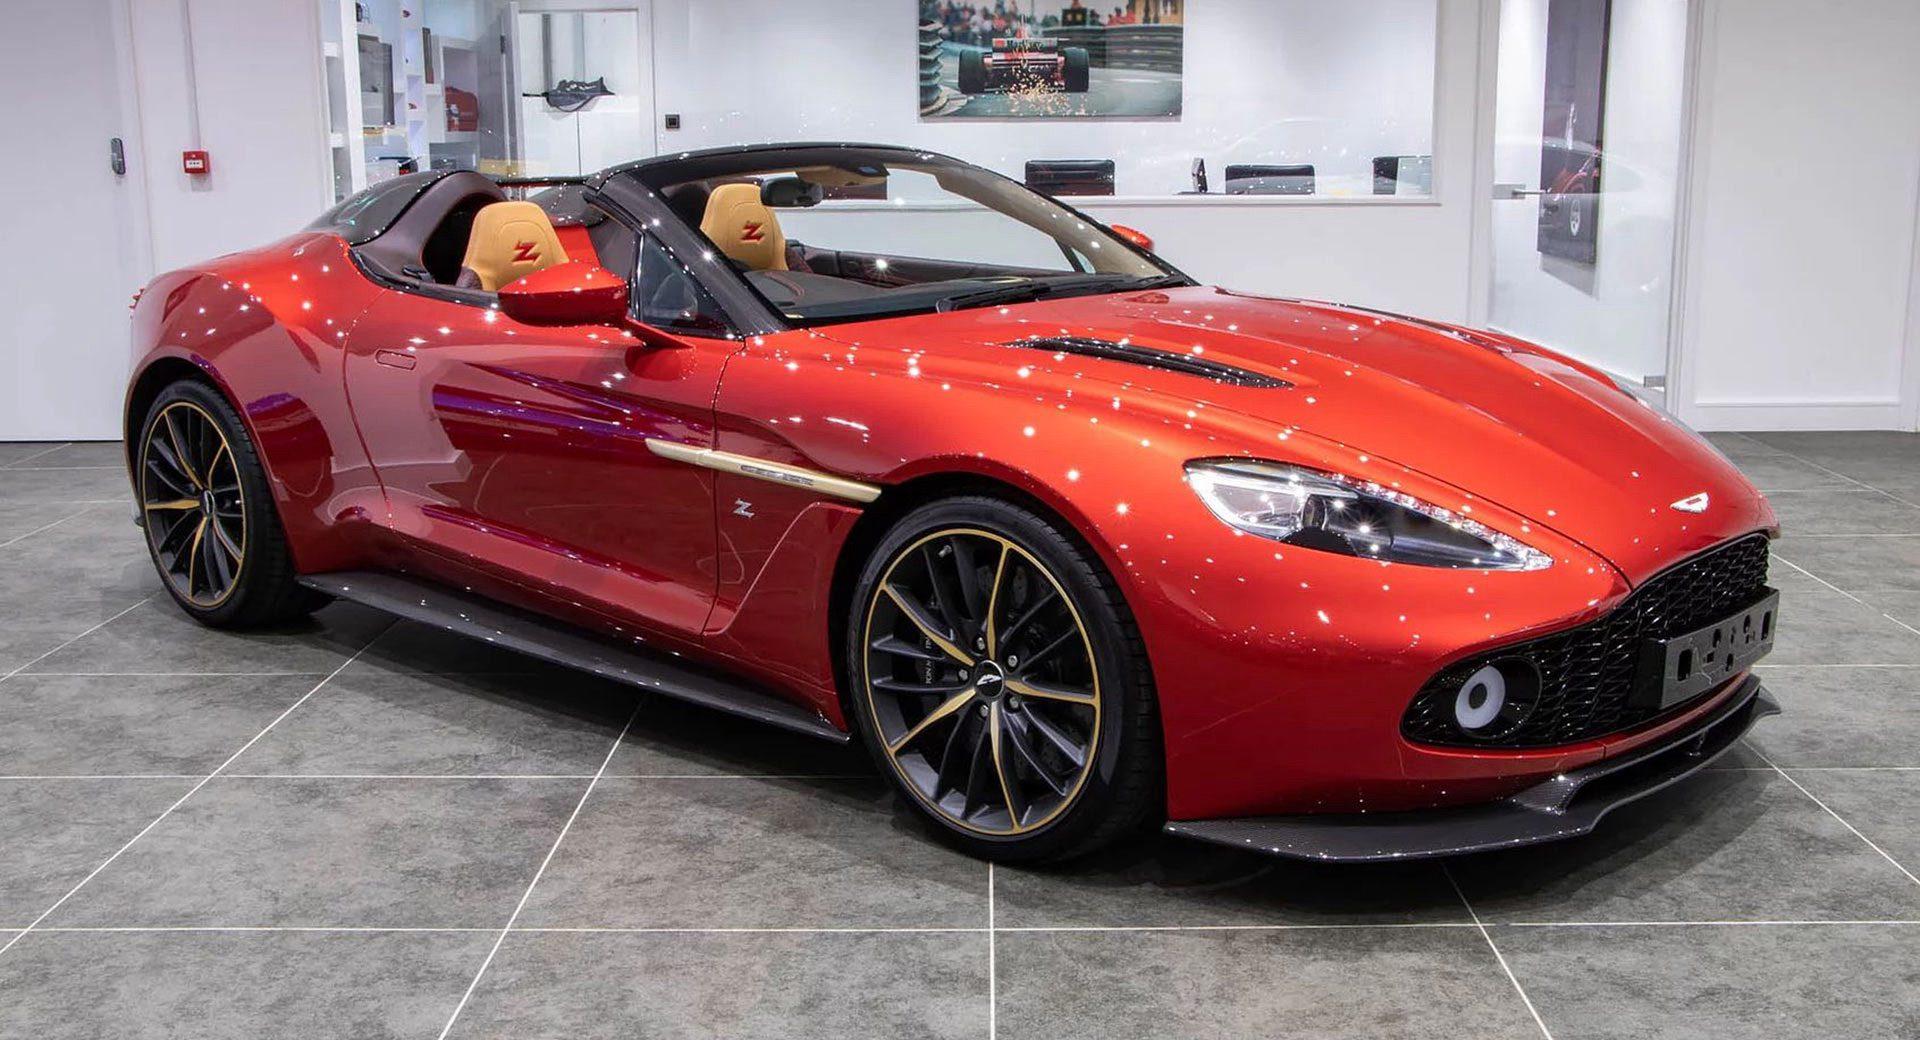 Aston_Martin_Vanquish_Speedster_sale-0000